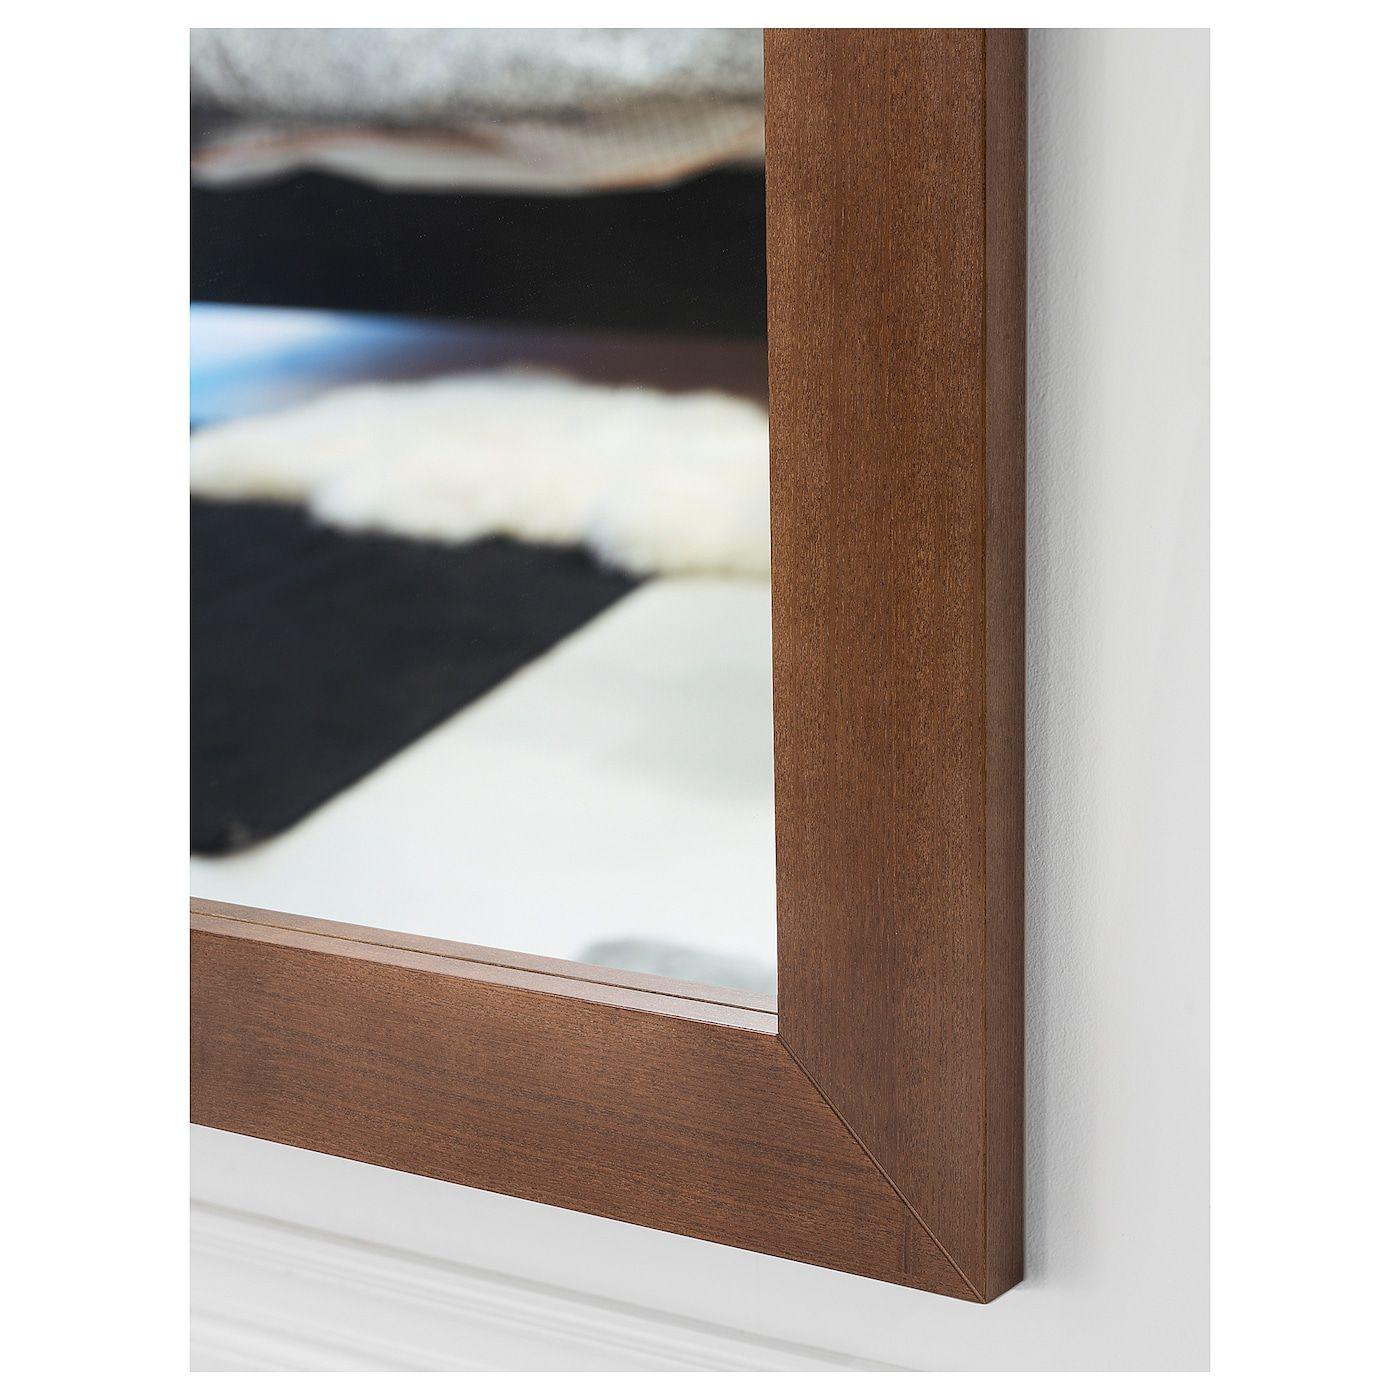 MONGSTAD Mirror brown stained ash veneer 35 7/8x51 1/8